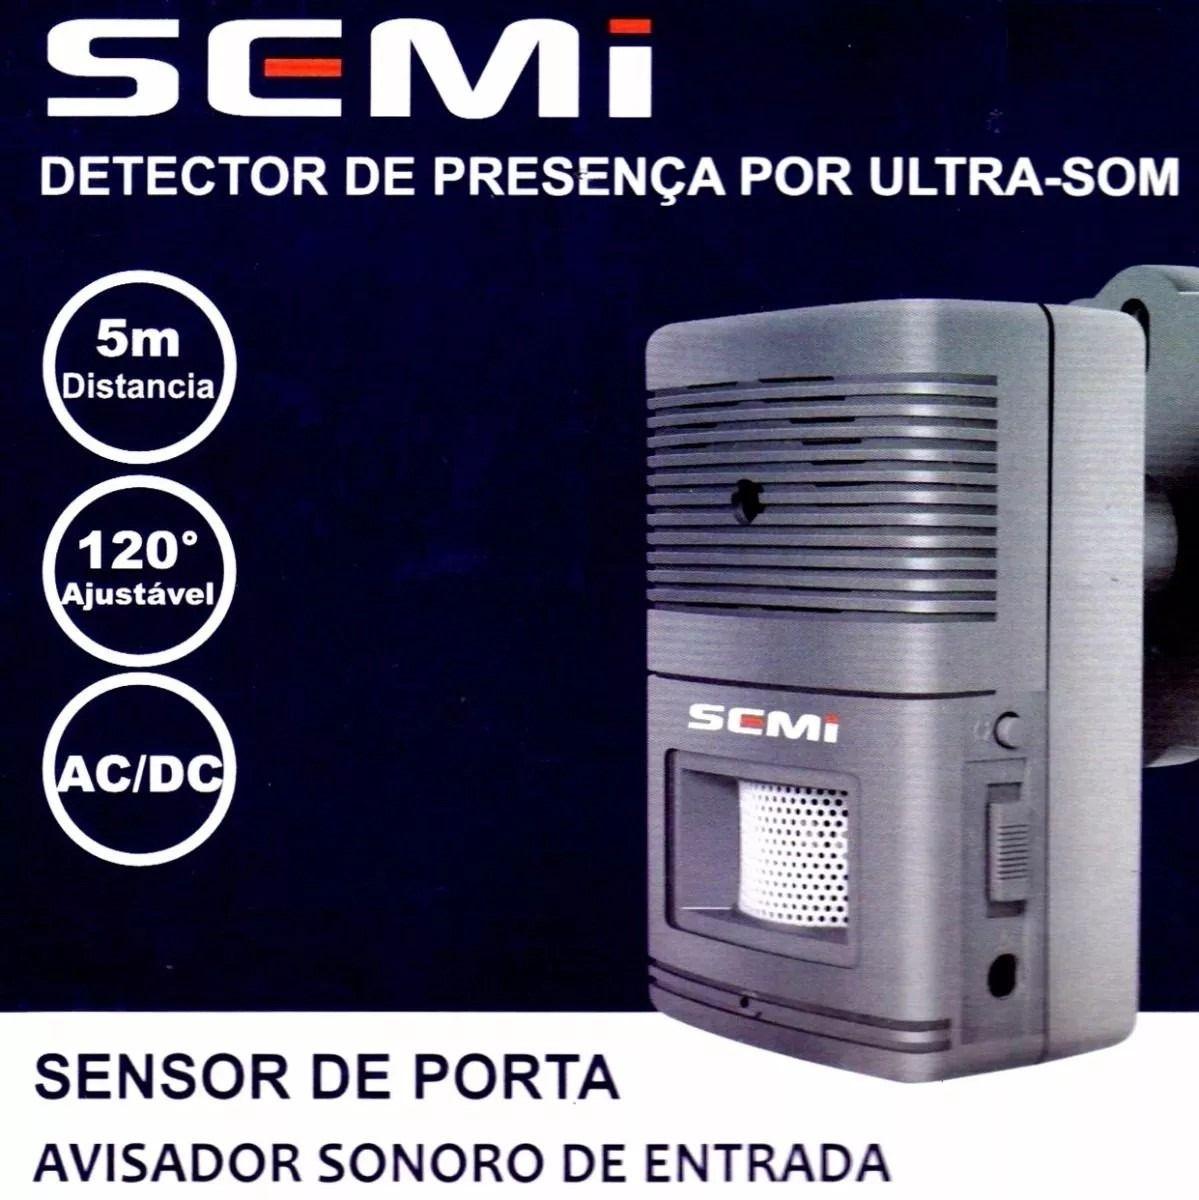 Sensor De Presença Anunciador Sonoro Ajustável Campainha  - Wtech vendas e Assistência técnica